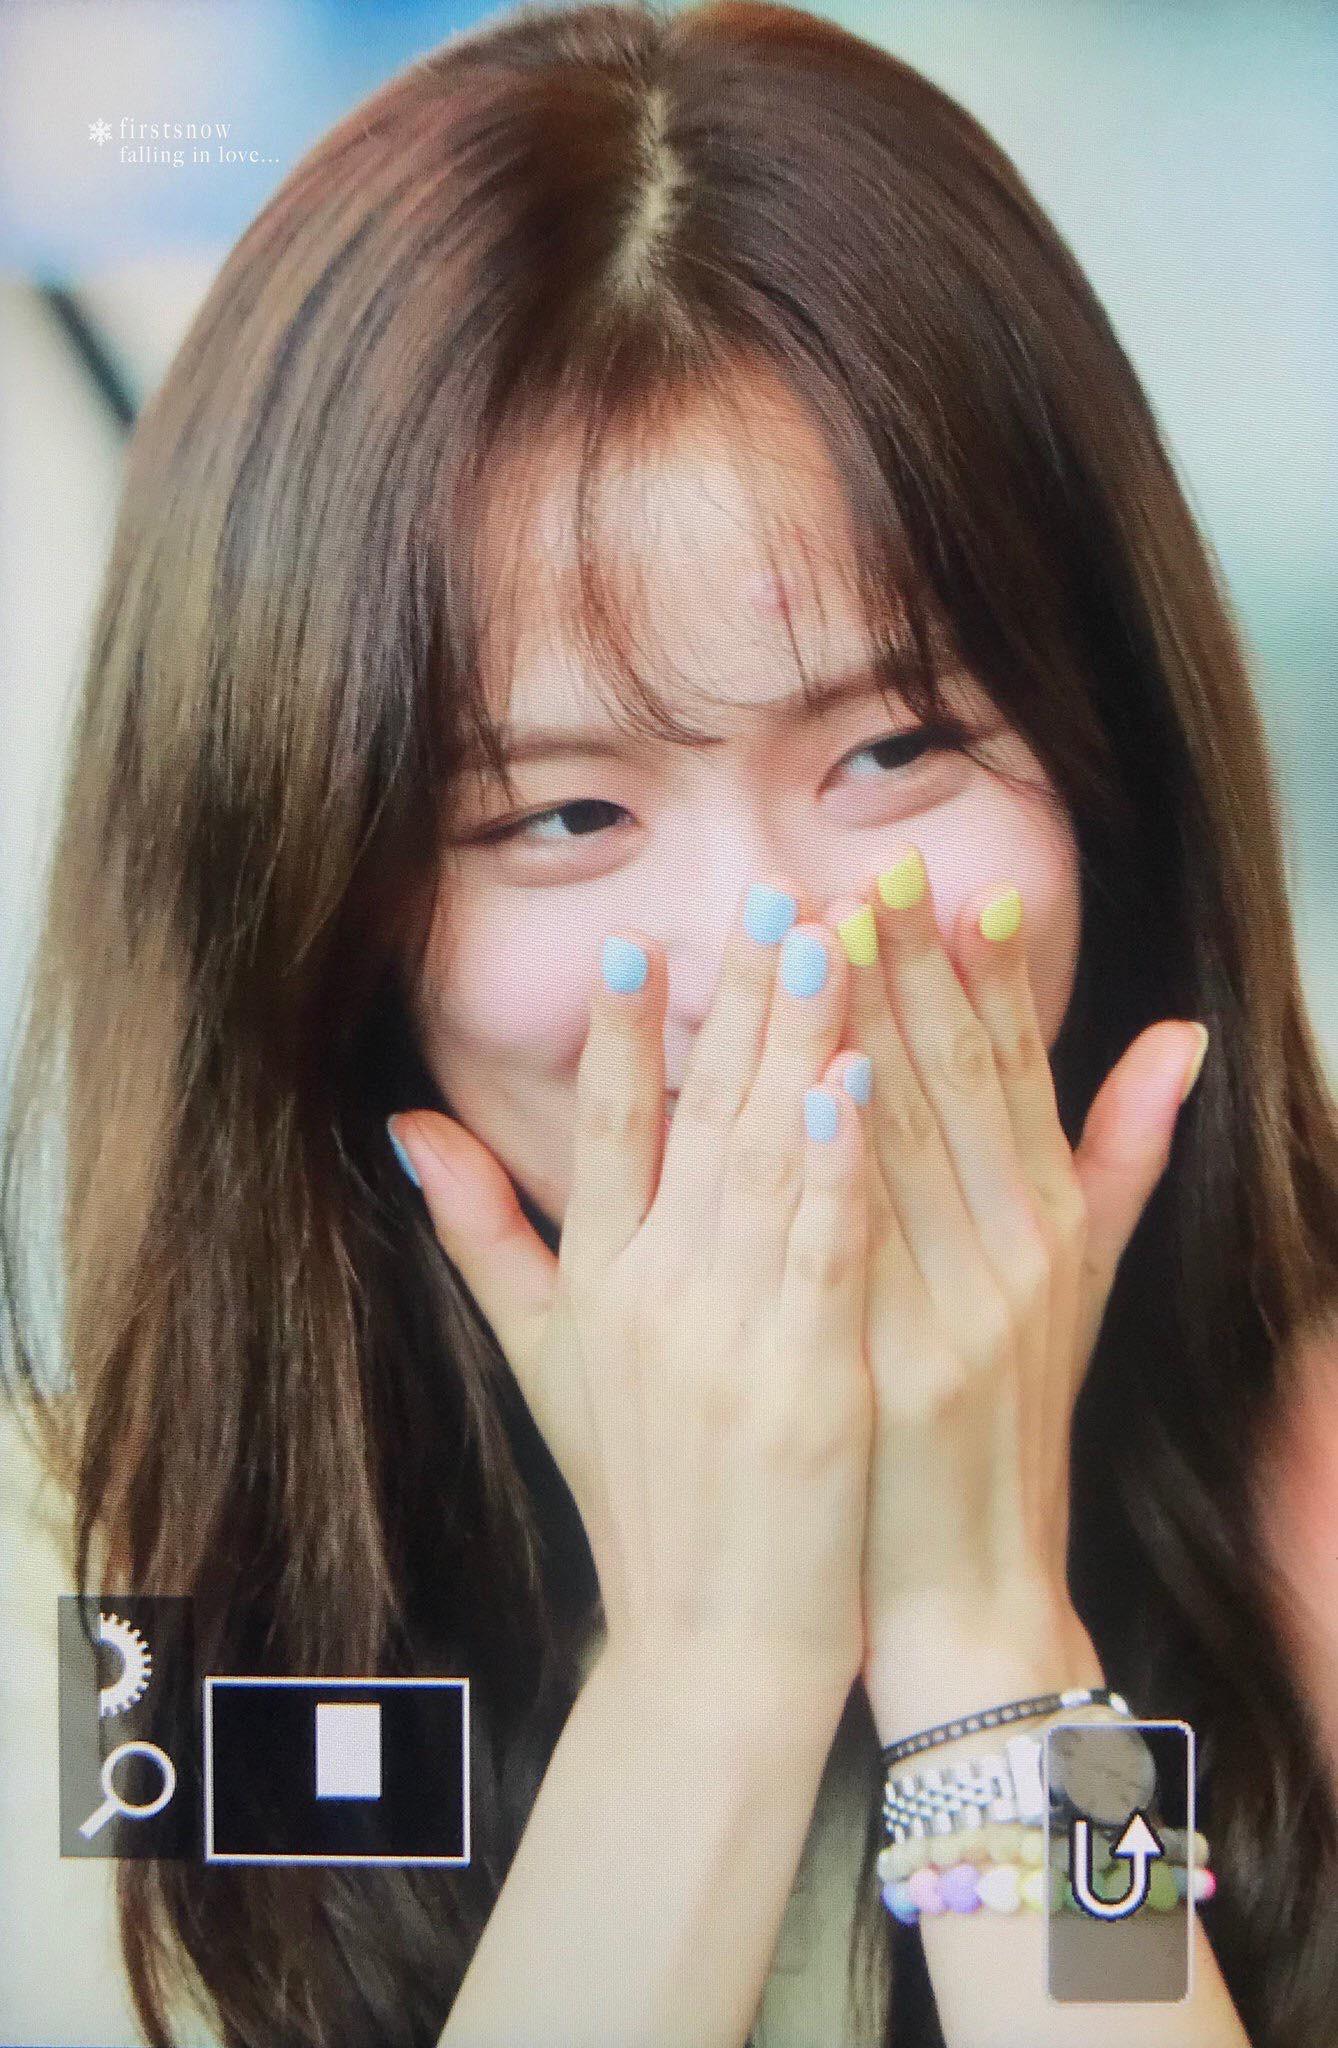 Goddess Jisoo Did An Amazing Job Of Cutting The Beautiful